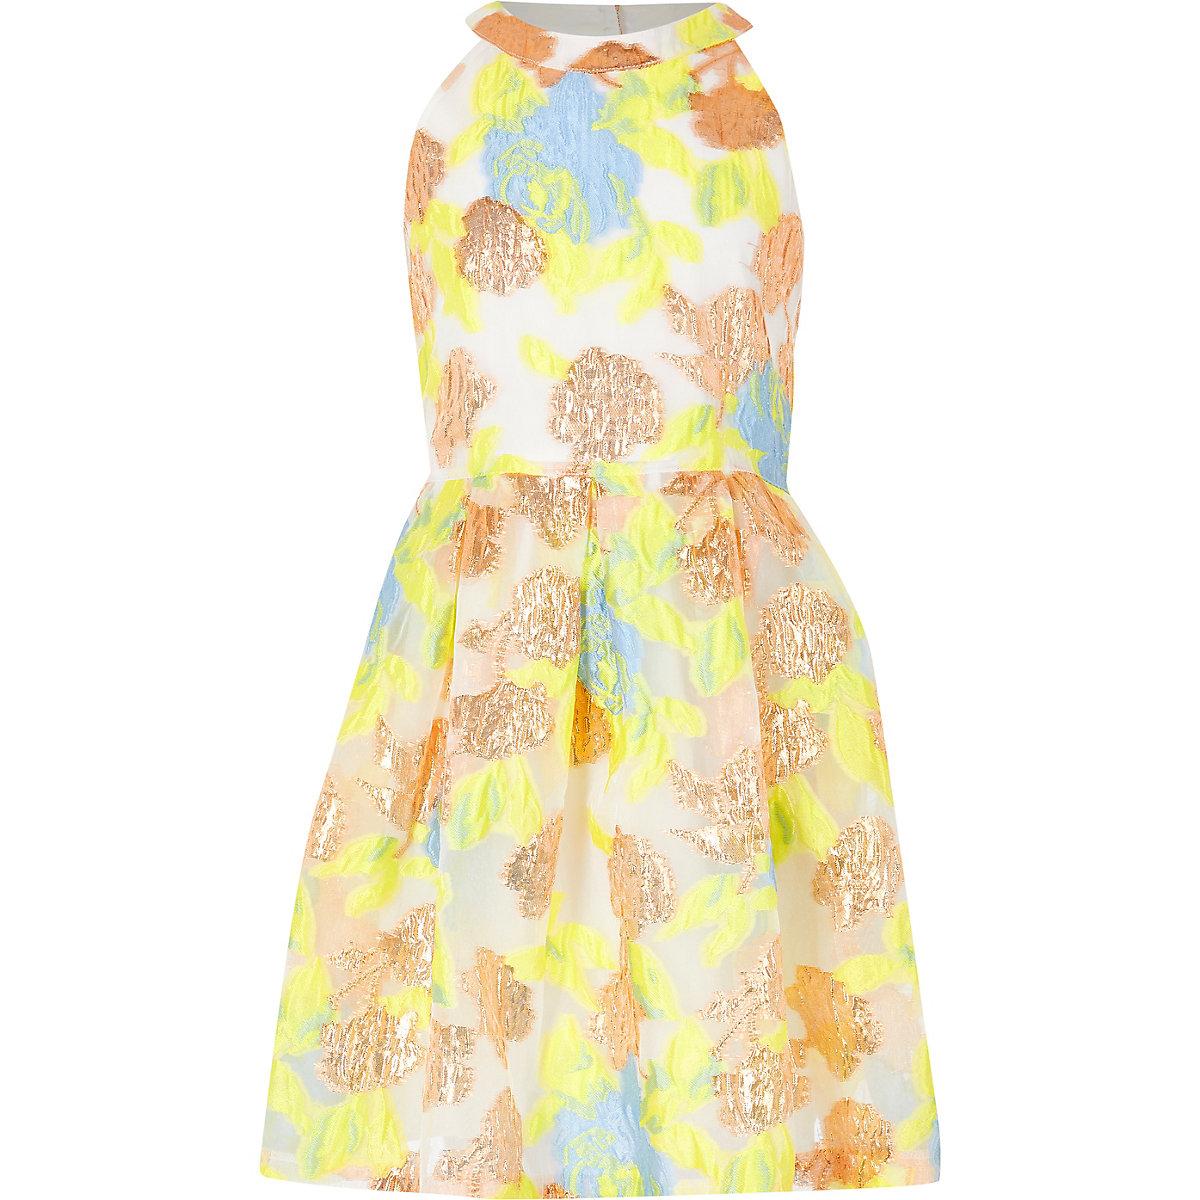 Girls yellow metallic prom dress